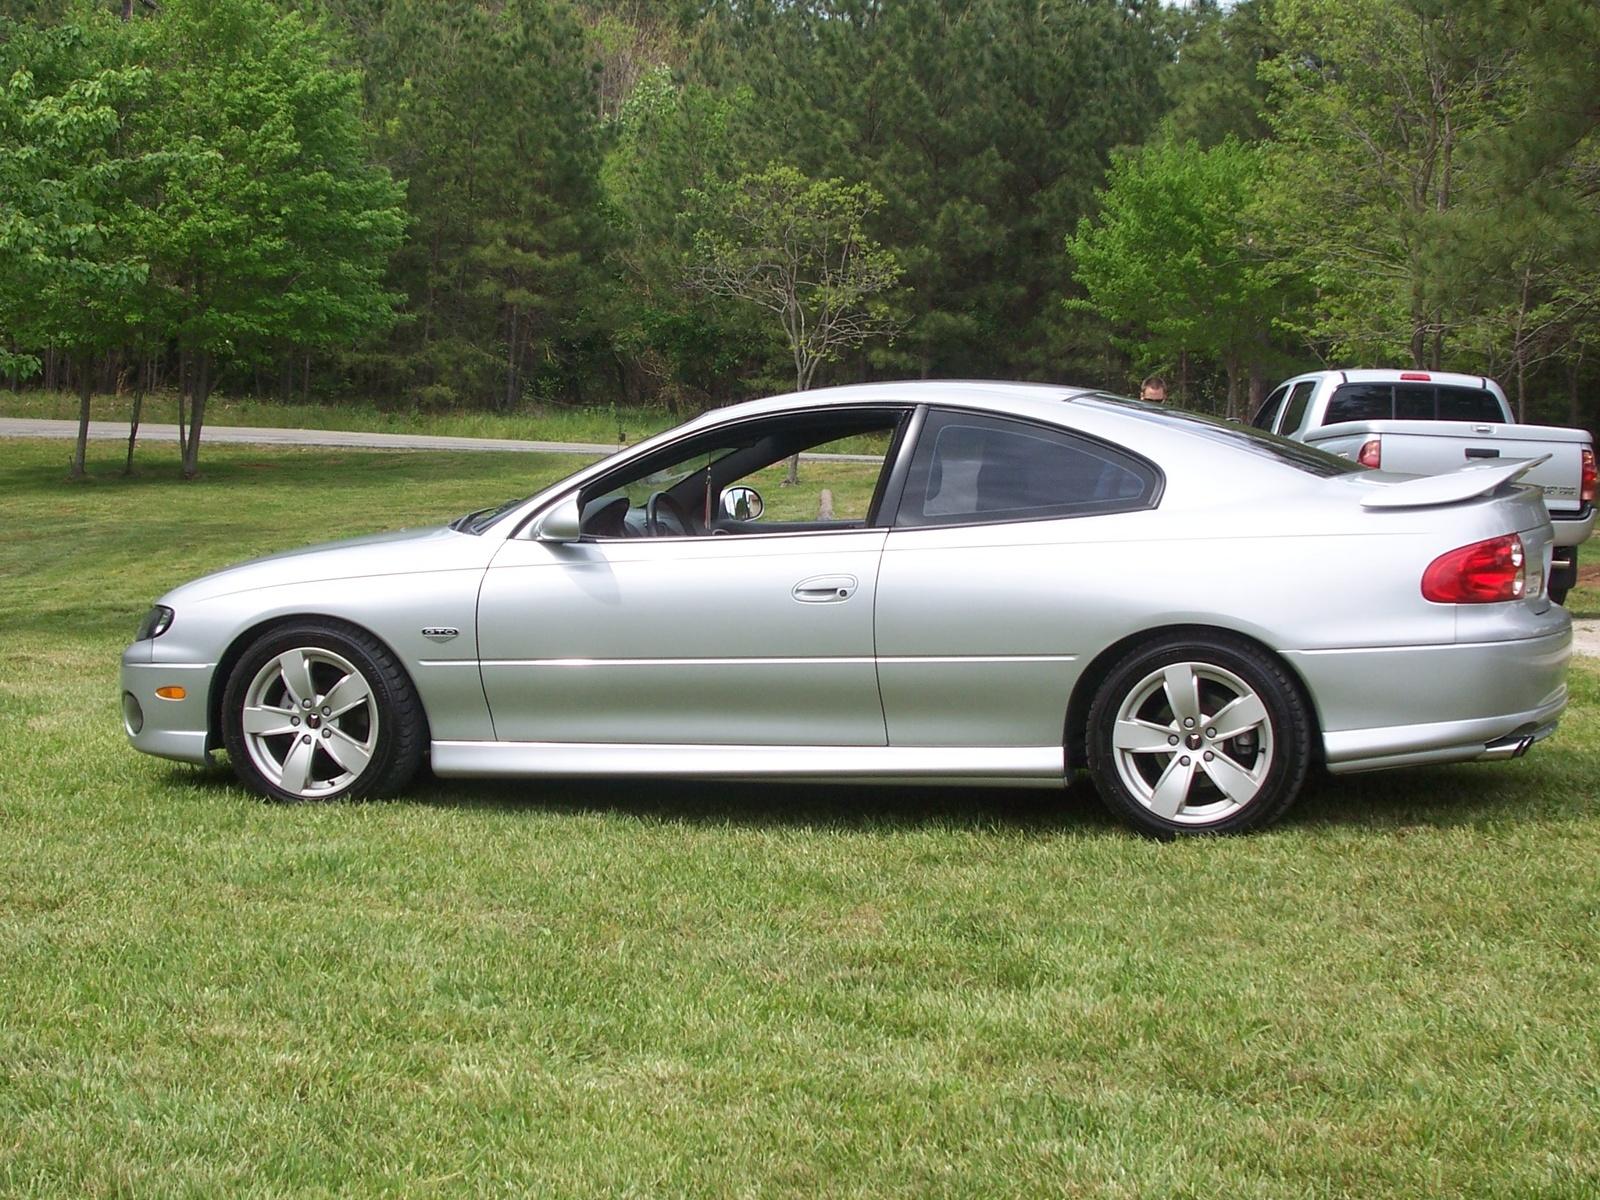 2004 Pontiac Gto Pictures Cargurus